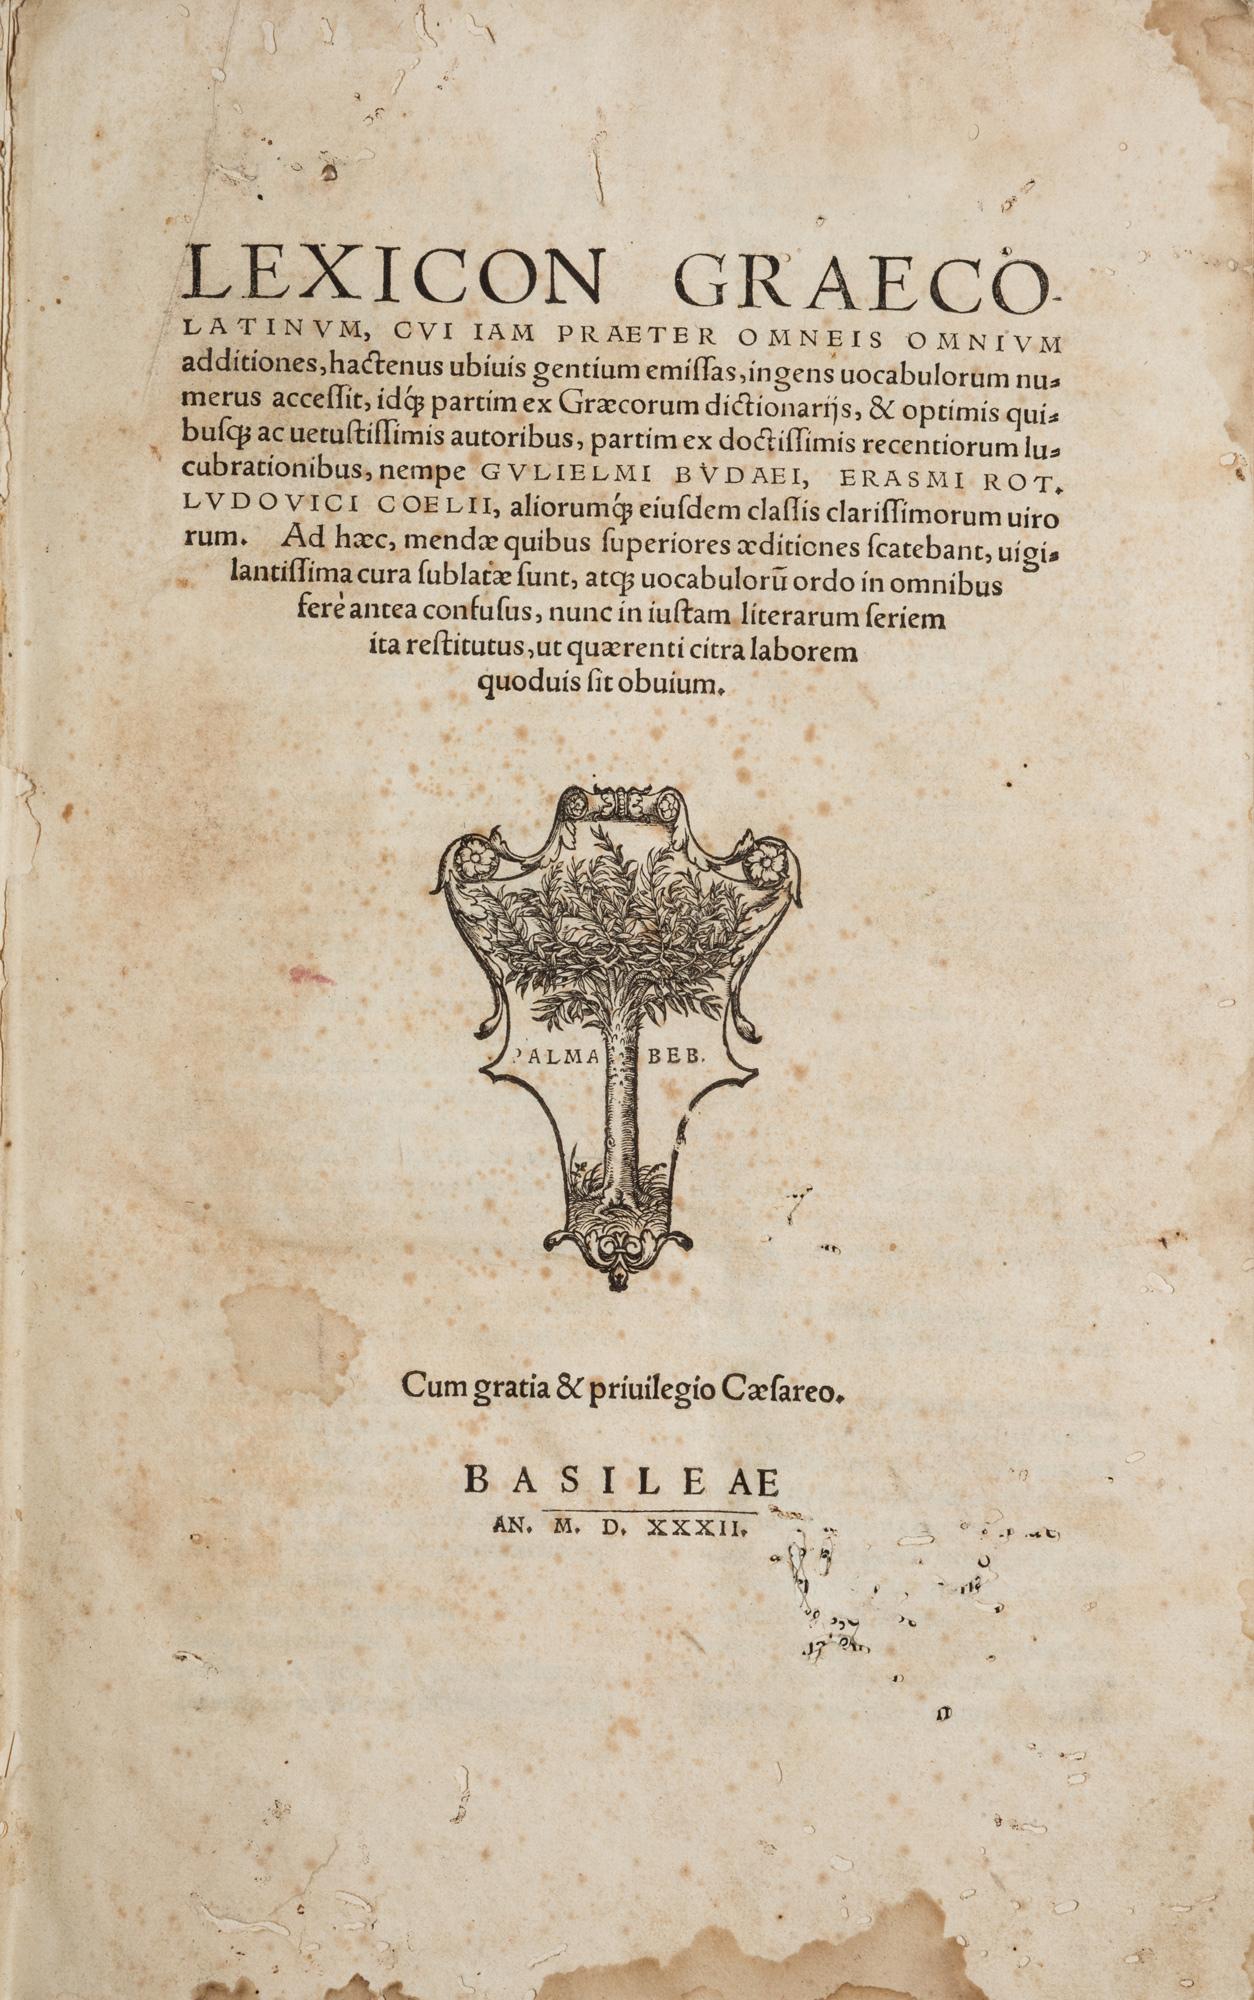 Lexicon graeco latinum